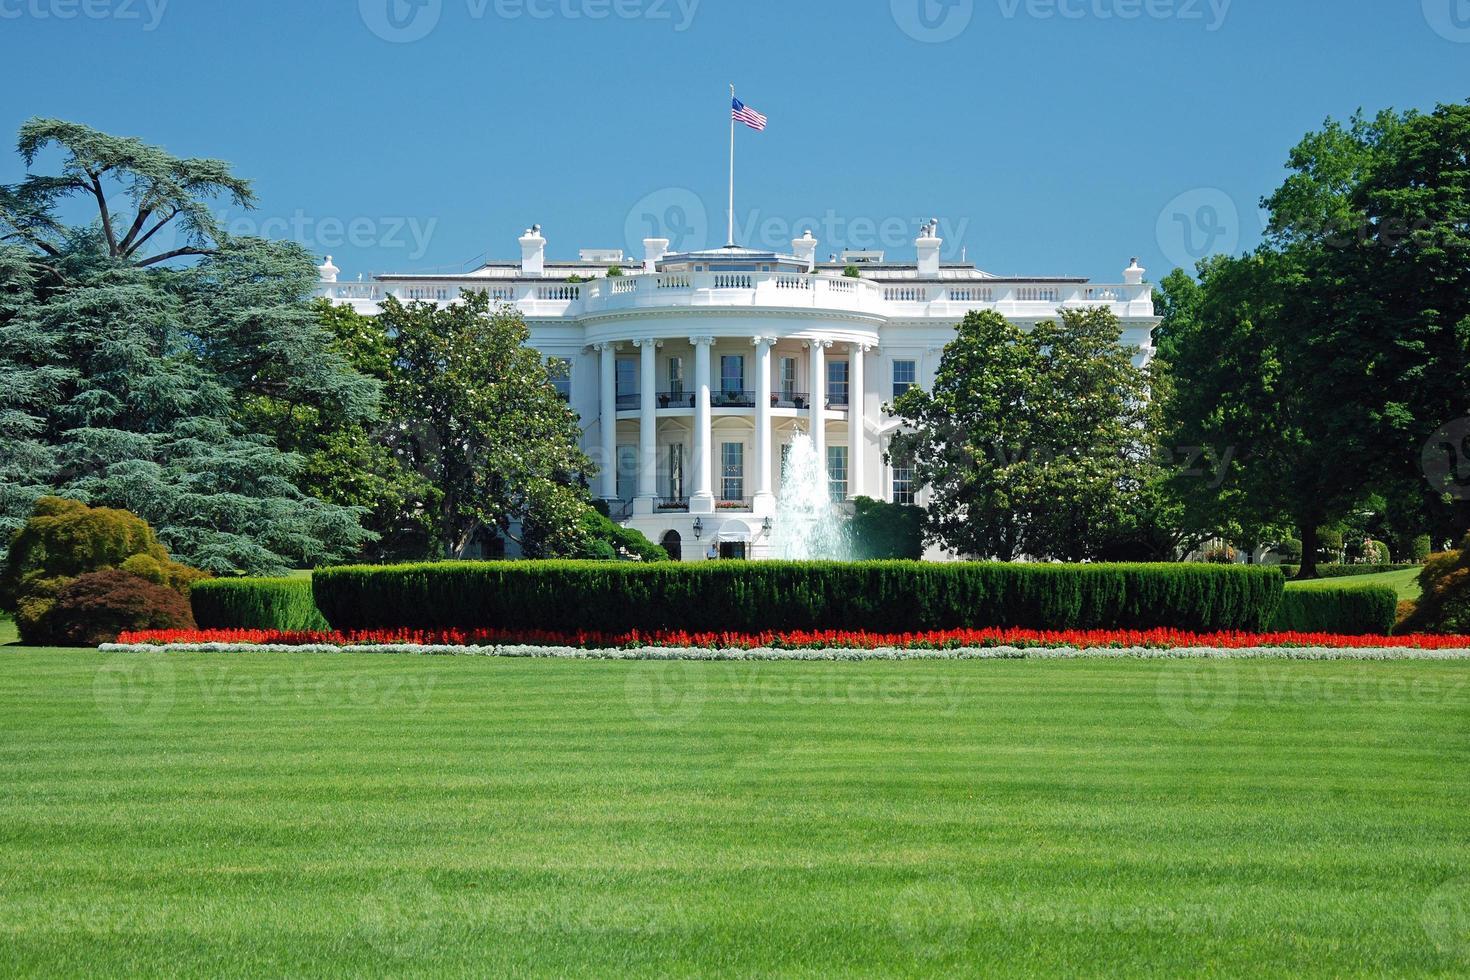 la casa bianca a washington dc foto